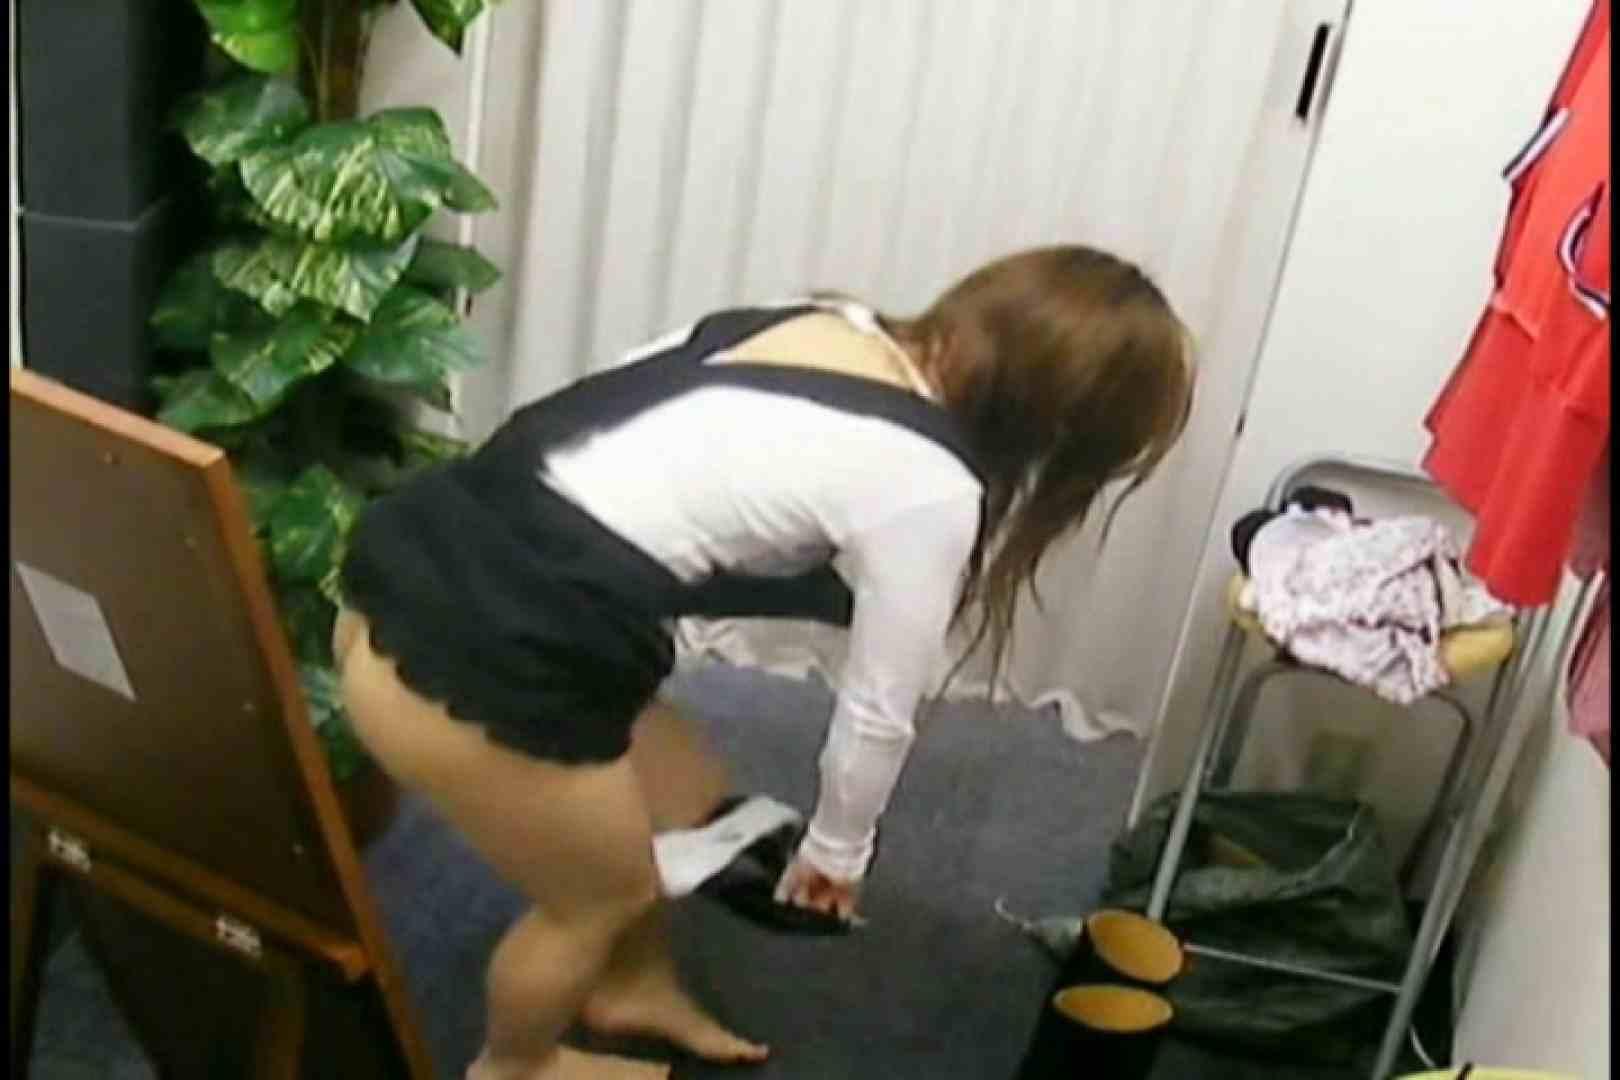 素人撮影 下着だけの撮影のはずが・・・ よしこ23歳 下着 えろ無修正画像 88pic 5